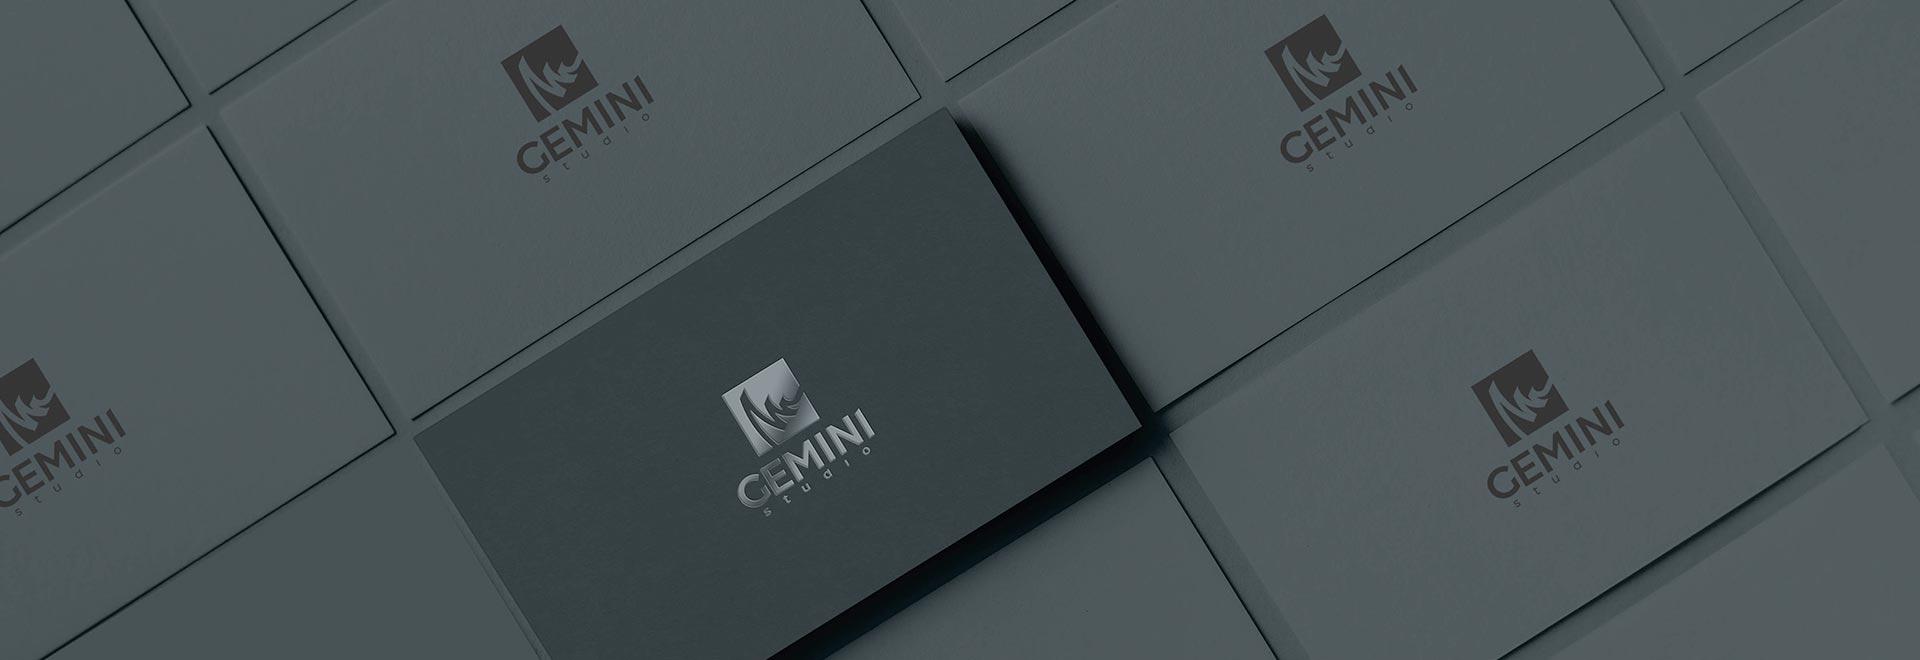 Wizytówki Gemini Studio